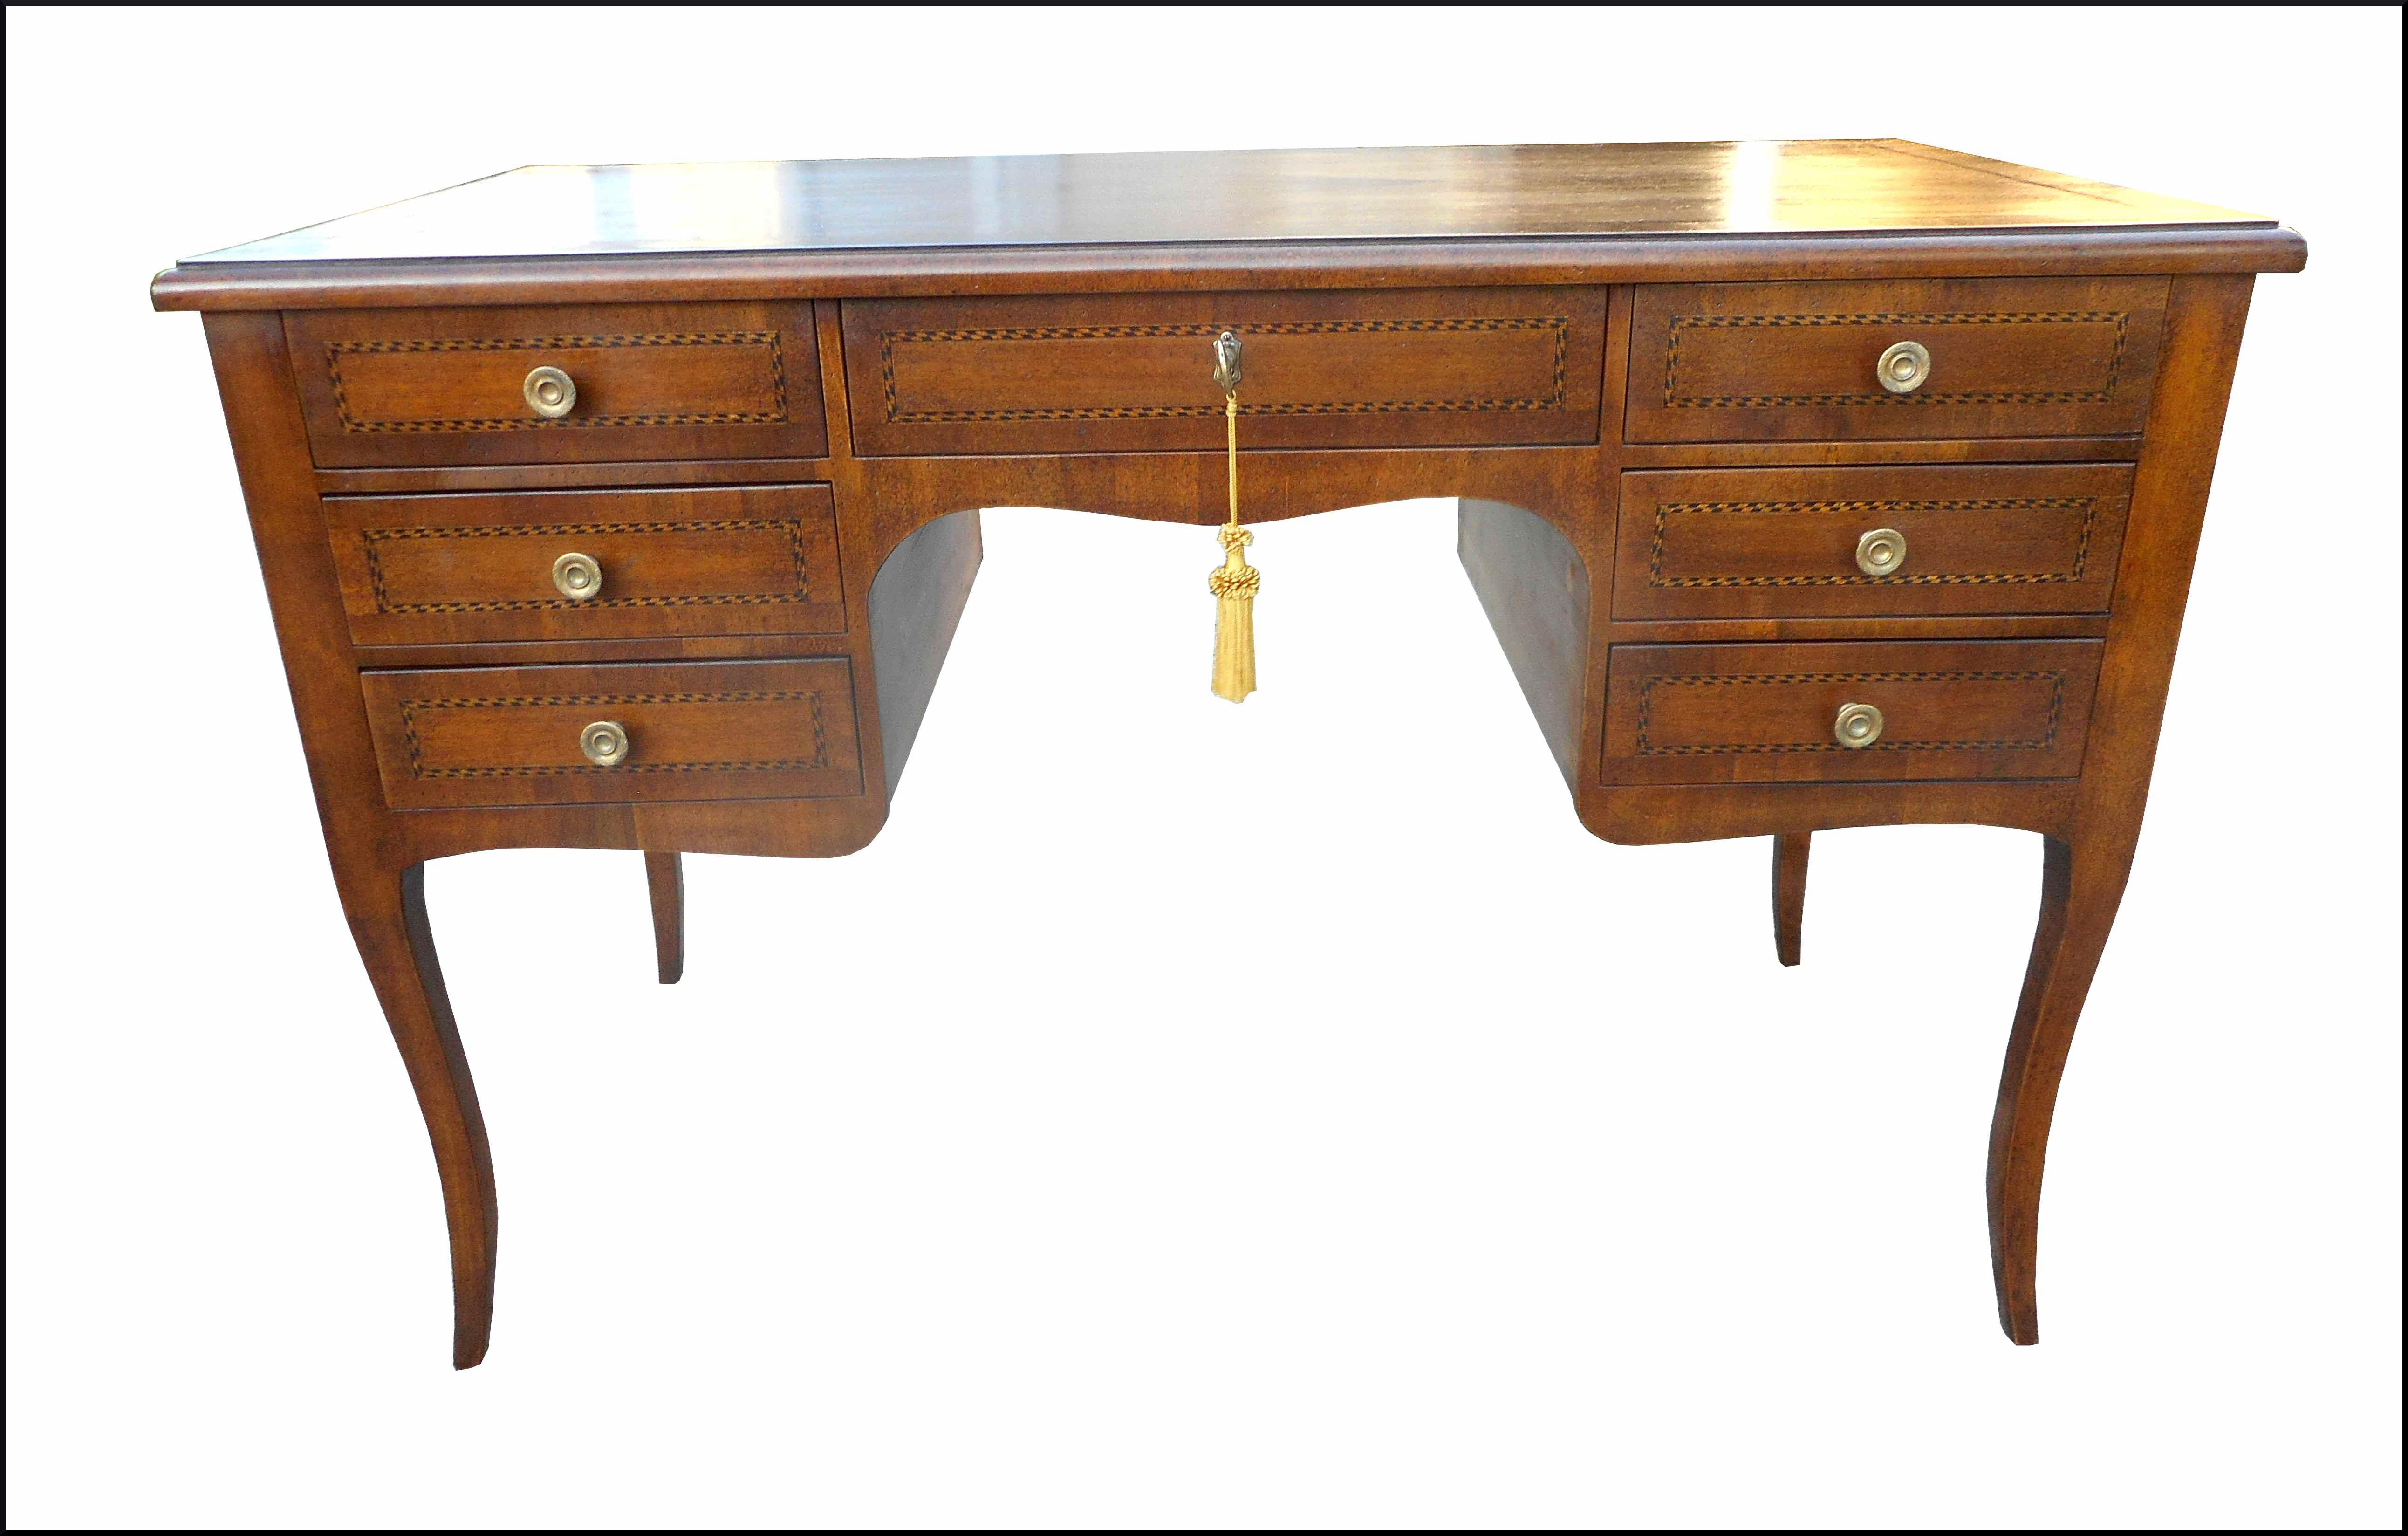 Mobili antichi restaurati e riprodotti catalogo mobili for Catalogo di mobili